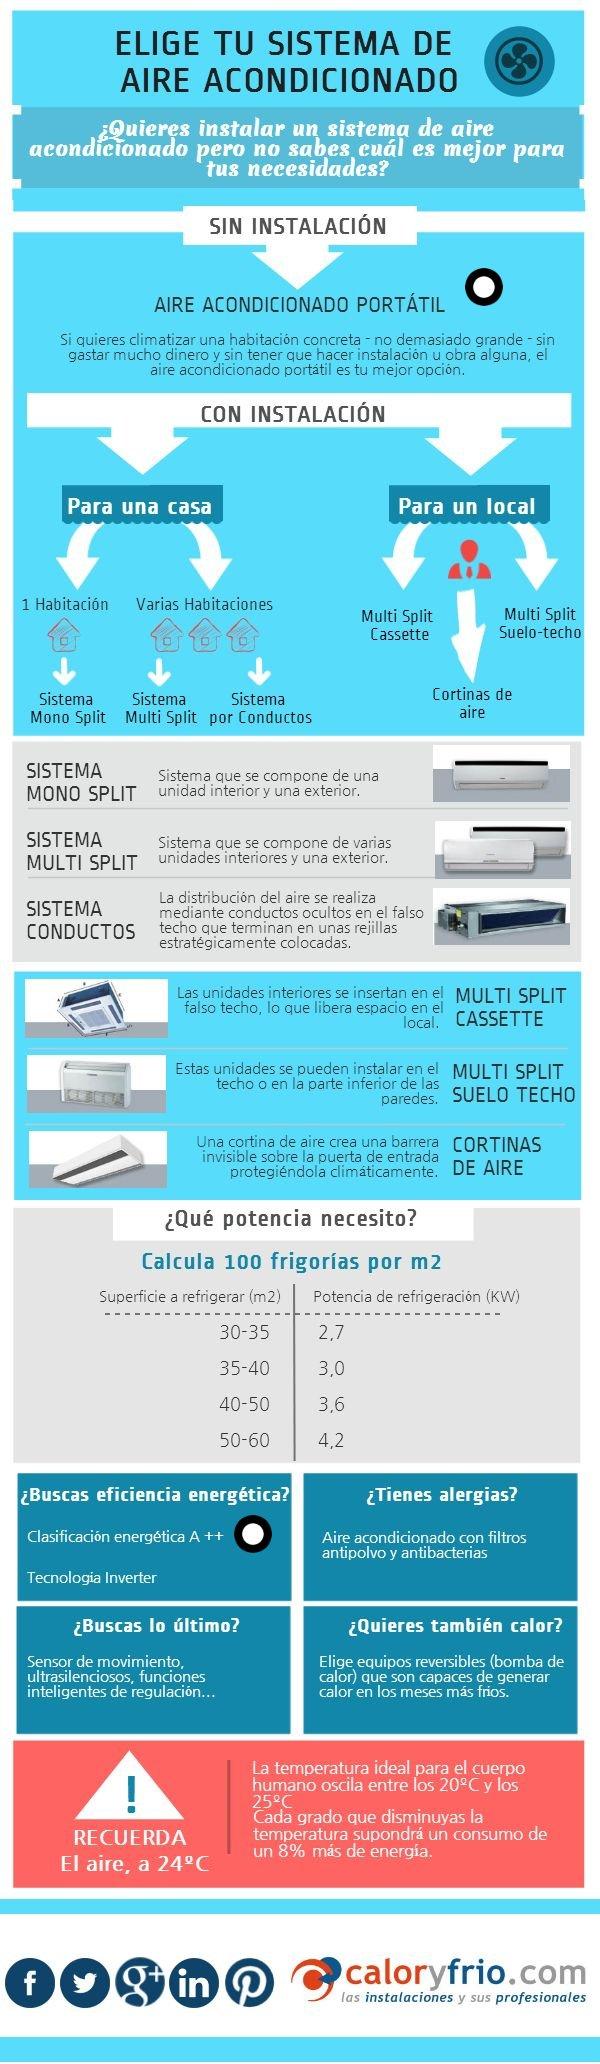 Aire acondicionado portátil y eficiencia energética